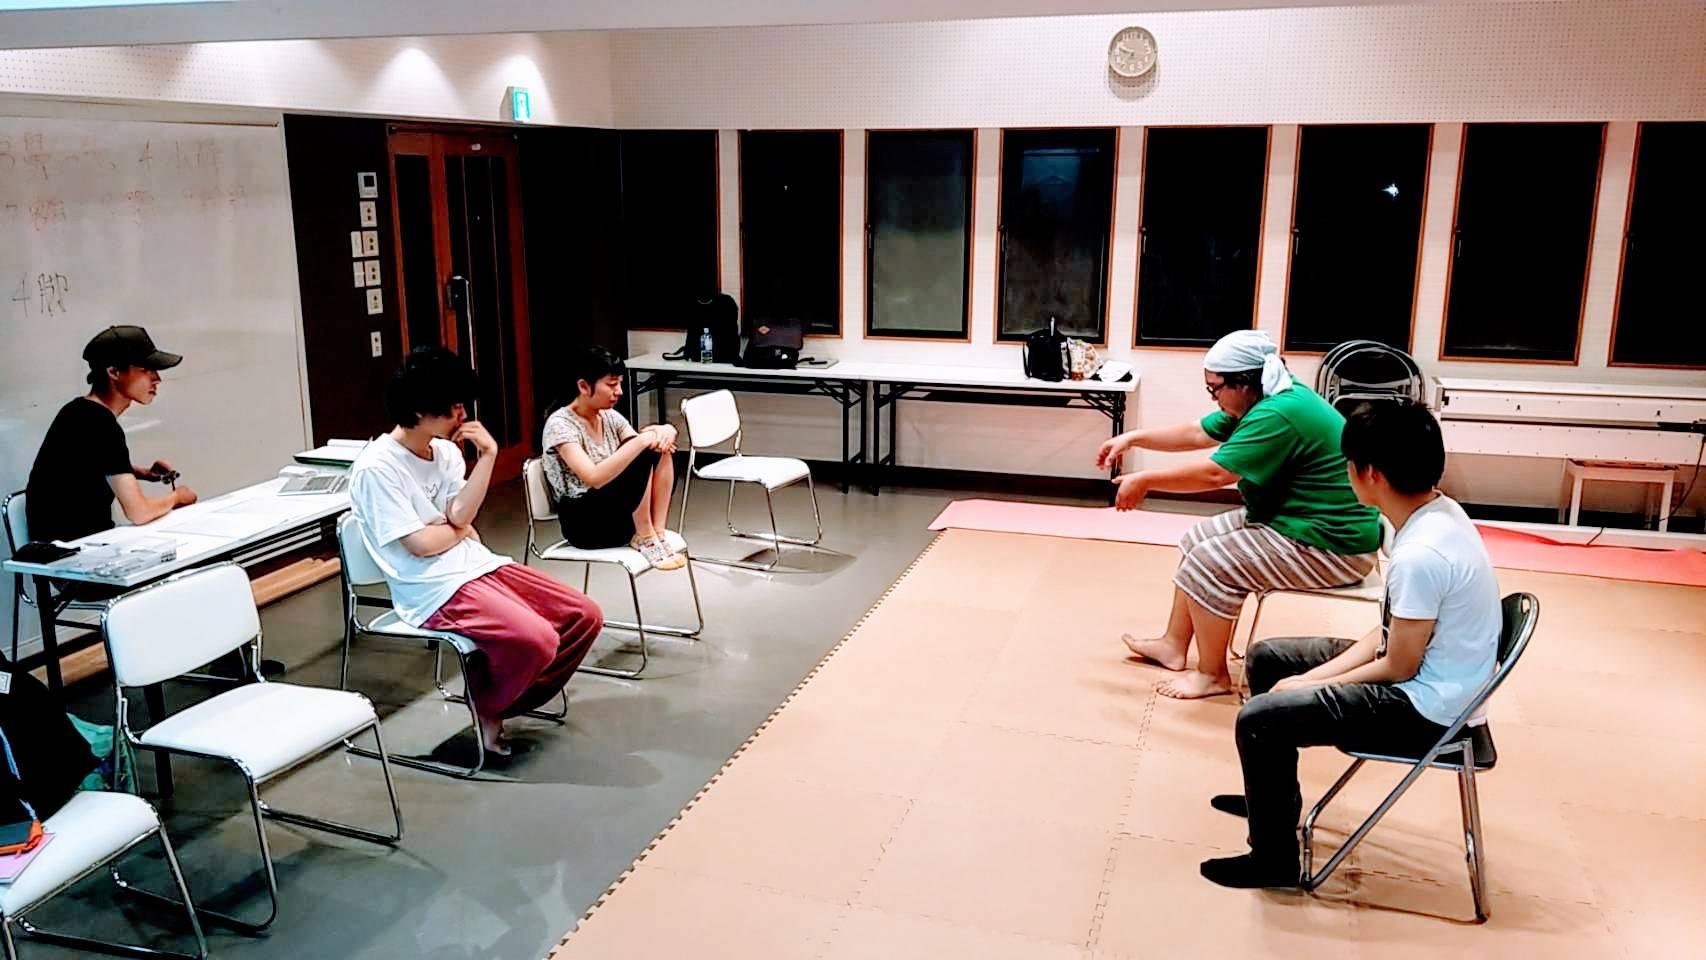 3ヵ月、12回で学ぶ実践演技。劇団SUNの演技ワークショップ『実践クラス』